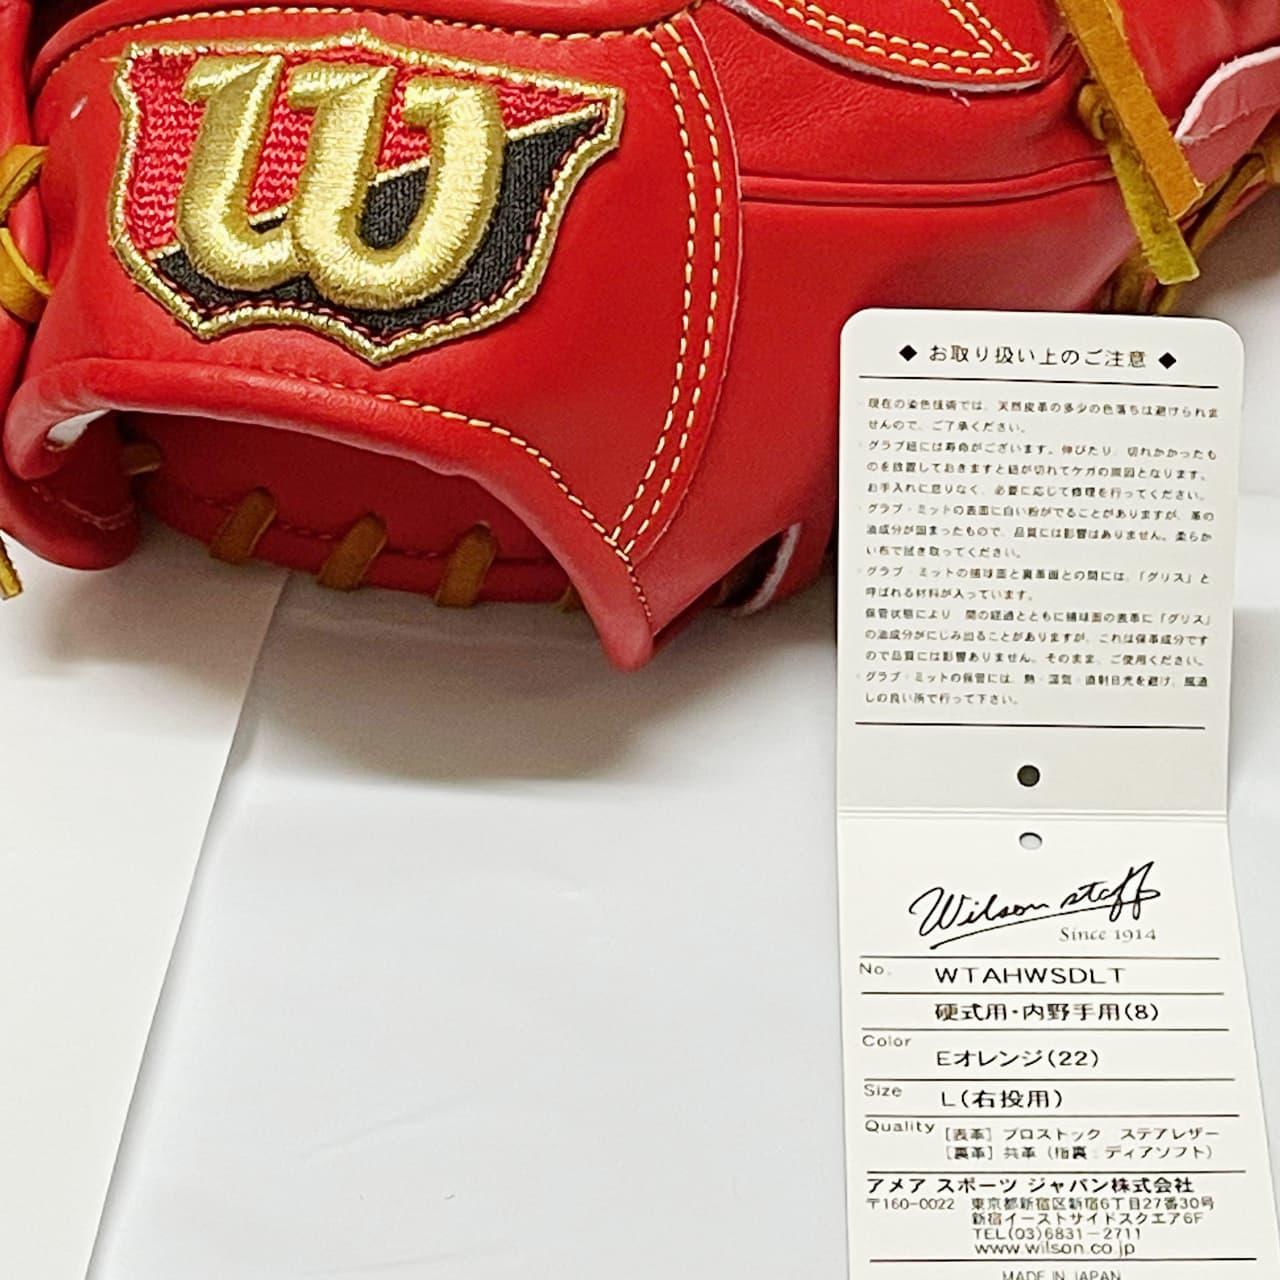 【ウイルソン】硬式野球用グラブ デュアルテクノロジー WTAHWSDLT(内野手用・右投げ)値札